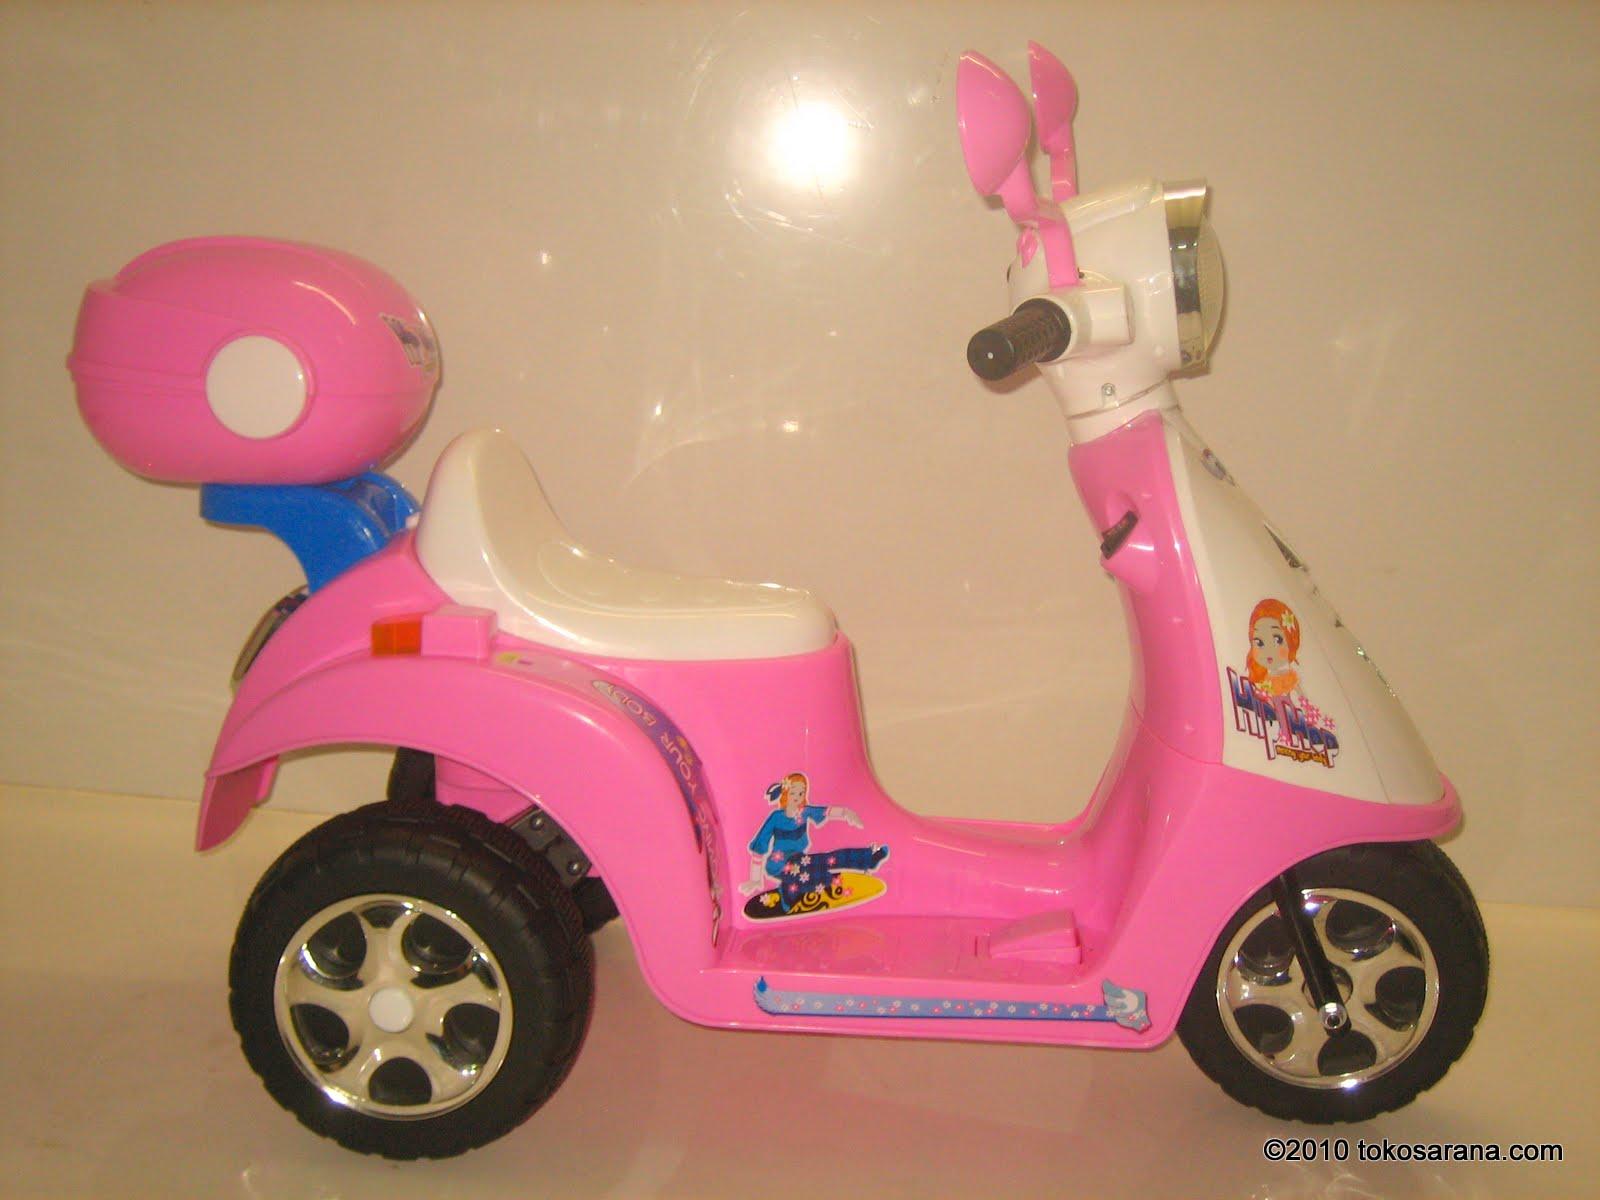 Clearance Sale Sepeda Mainan Anak Dan Perlengkapan Bayi Motor